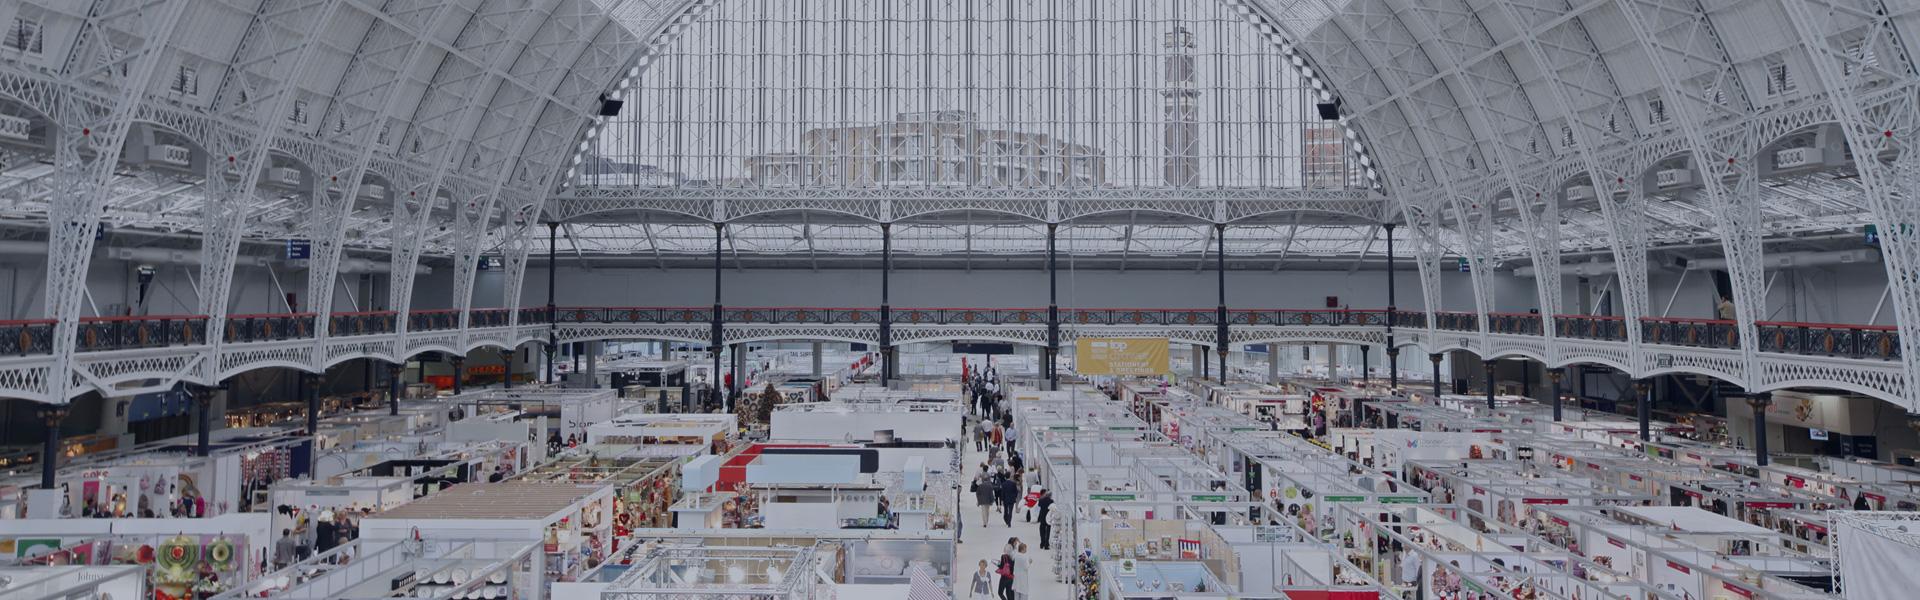 Base Expo Fuar Org. Tic. Ltd. Şti.